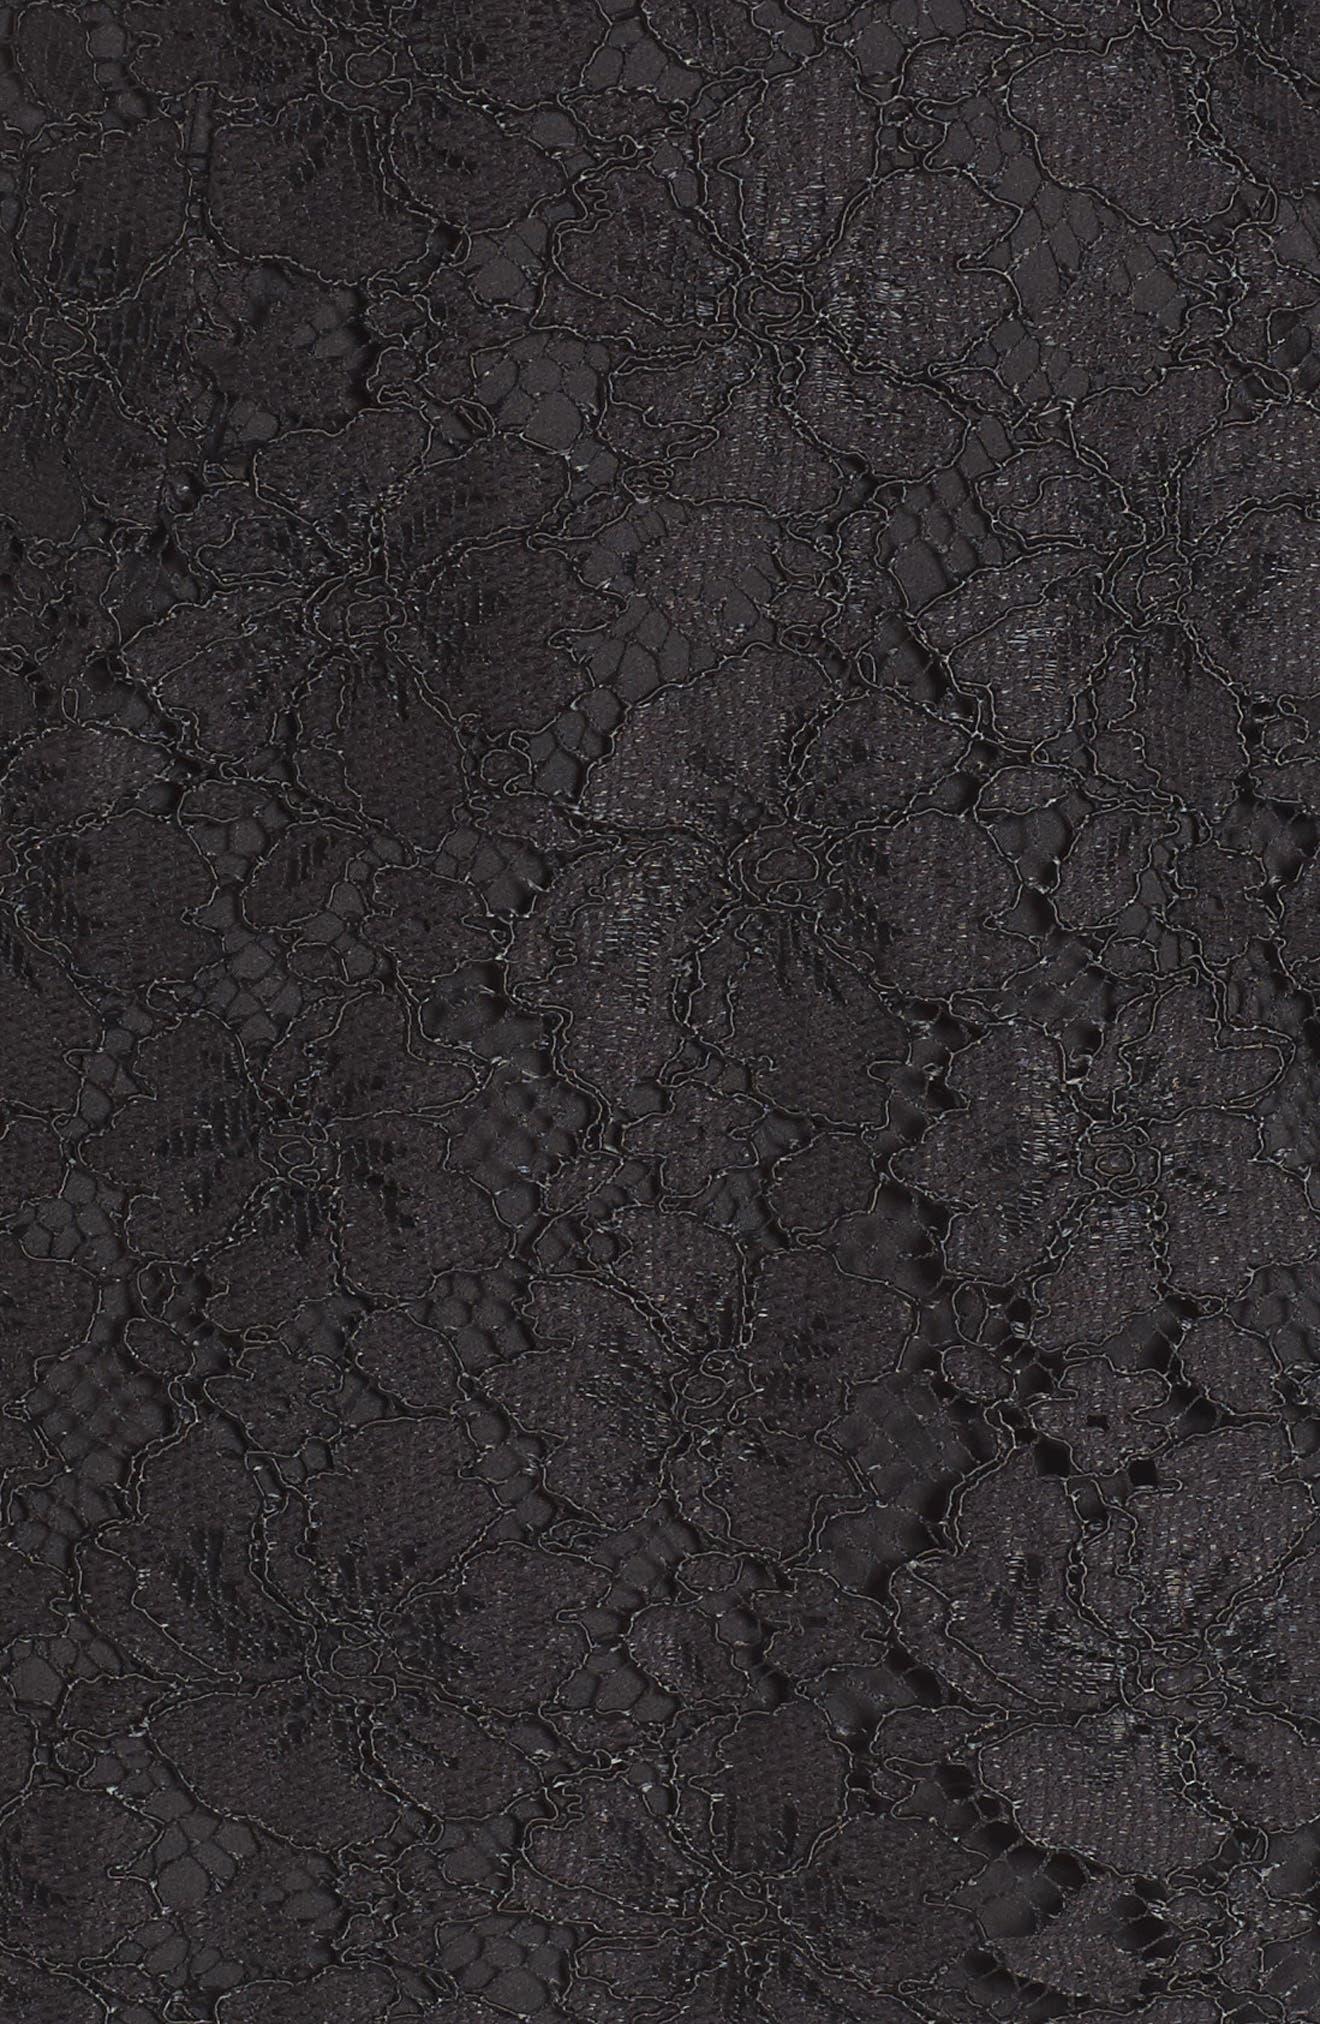 Say It Out Loud Lace Dress,                             Alternate thumbnail 5, color,                             Black